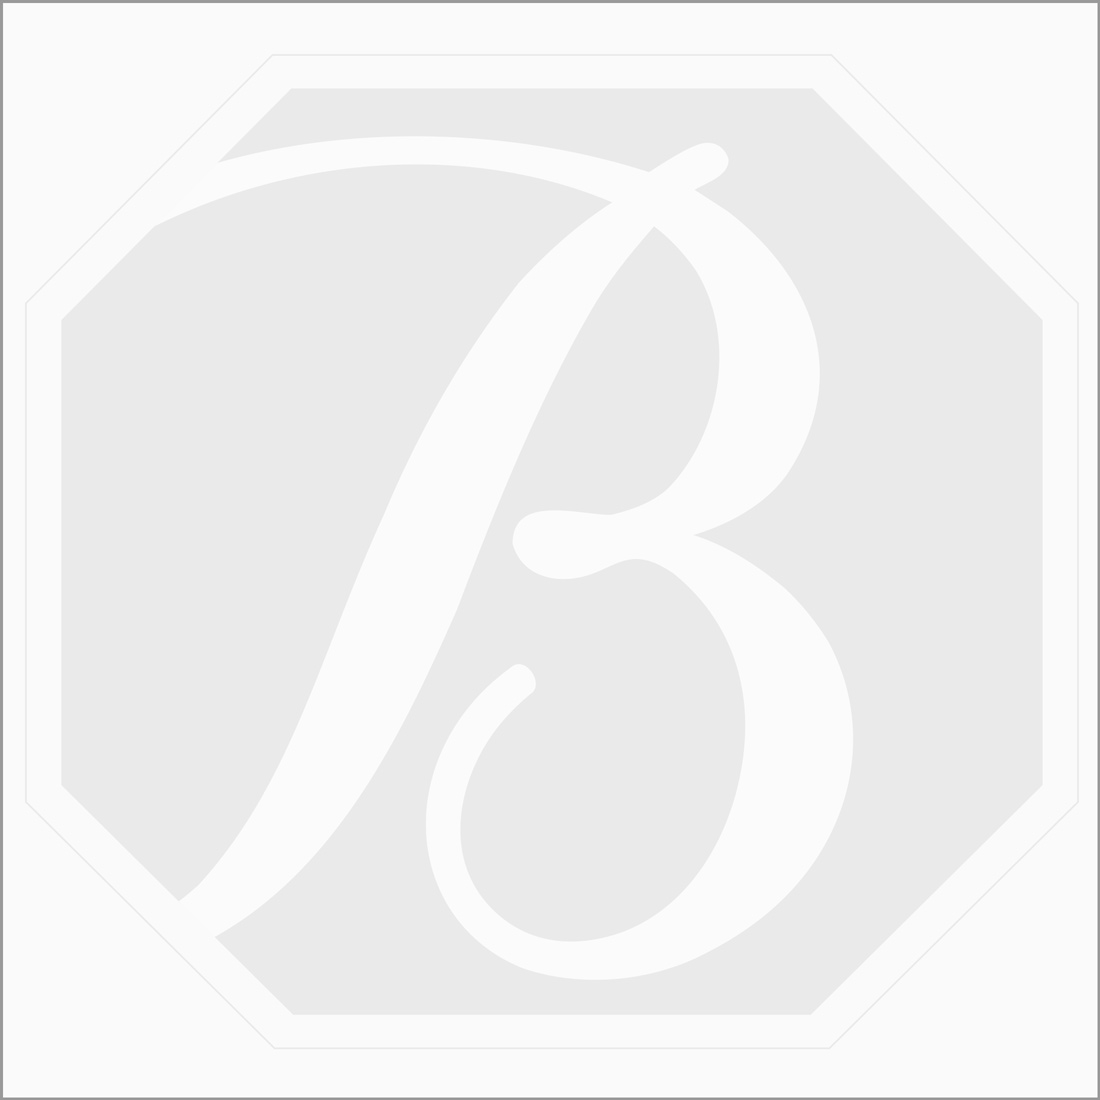 15 Pcs - Dark Brown Smoky Quartz Rose Cut - 124.59 ct. - 17 x 13 x 4 mm to 22 x 14 x 5 mm (SQRC1005)